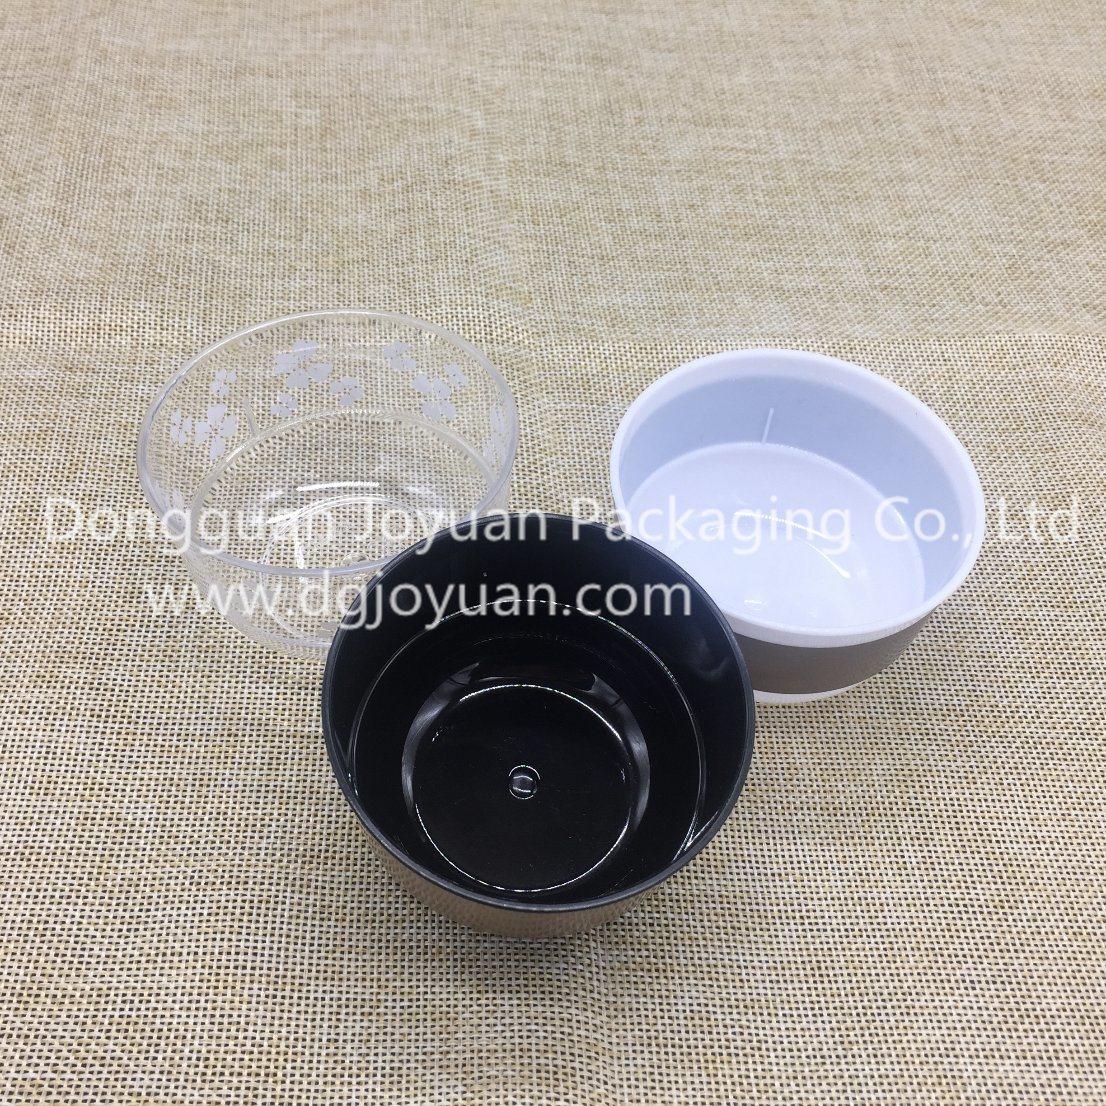 Plastic Cup Bowl Shape Cup for Mousse, Yogurt